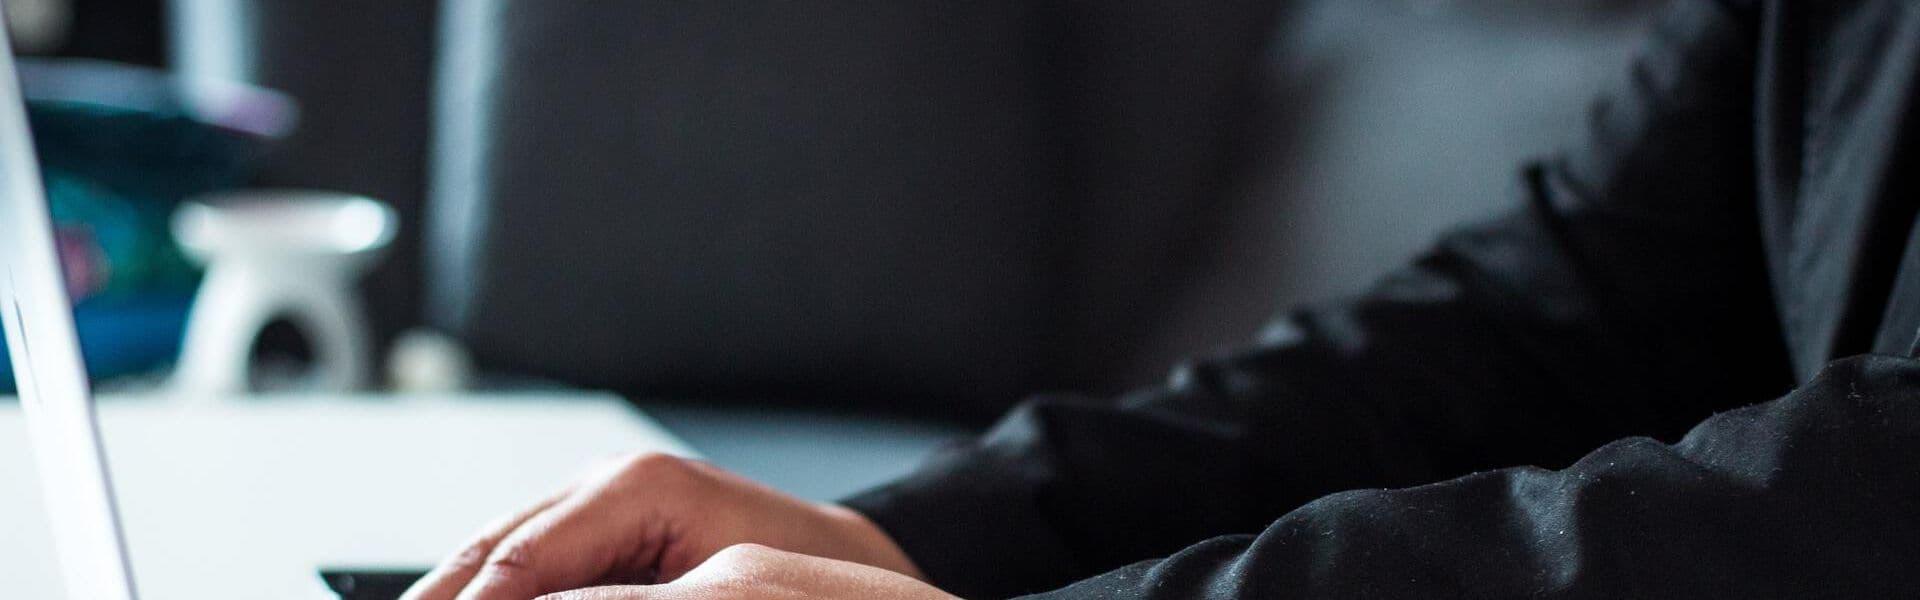 Hände von Kursteilnehmer schreiben auf Laptop während einer Live-Online-Schulung in Access